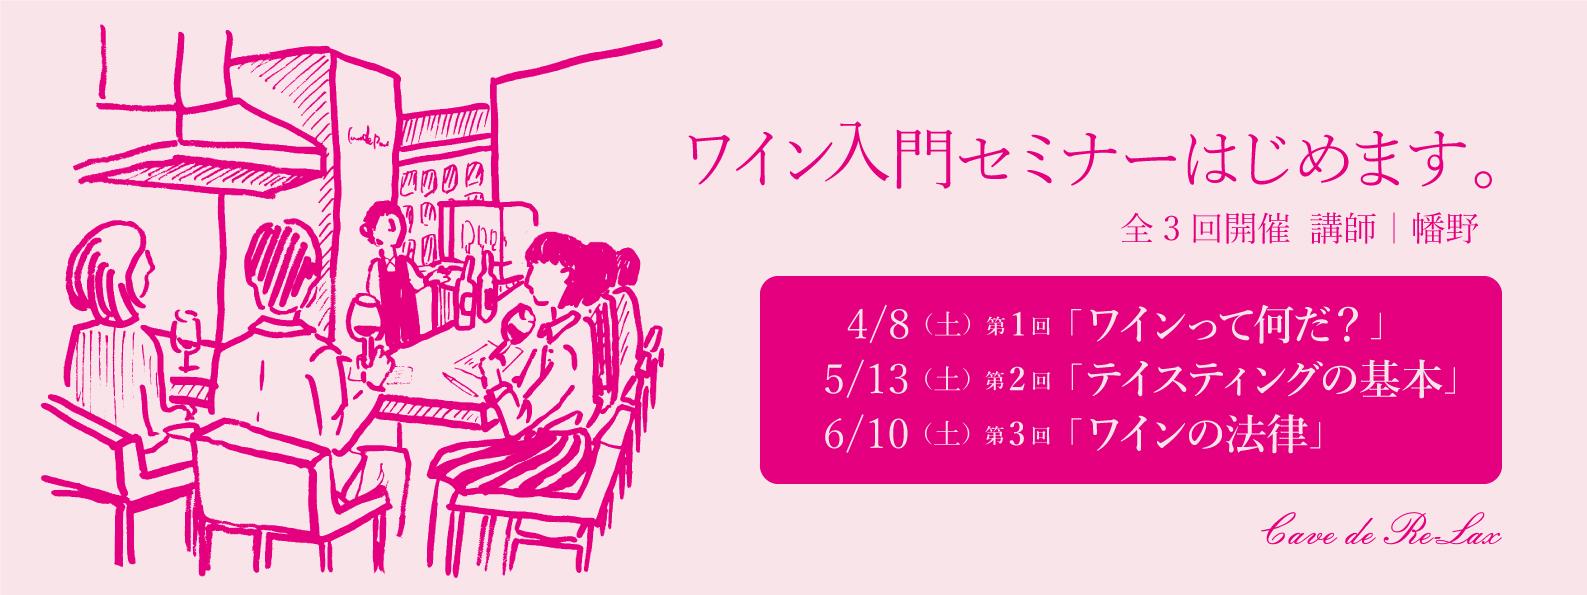 17.4.8幡野セミナー-Web